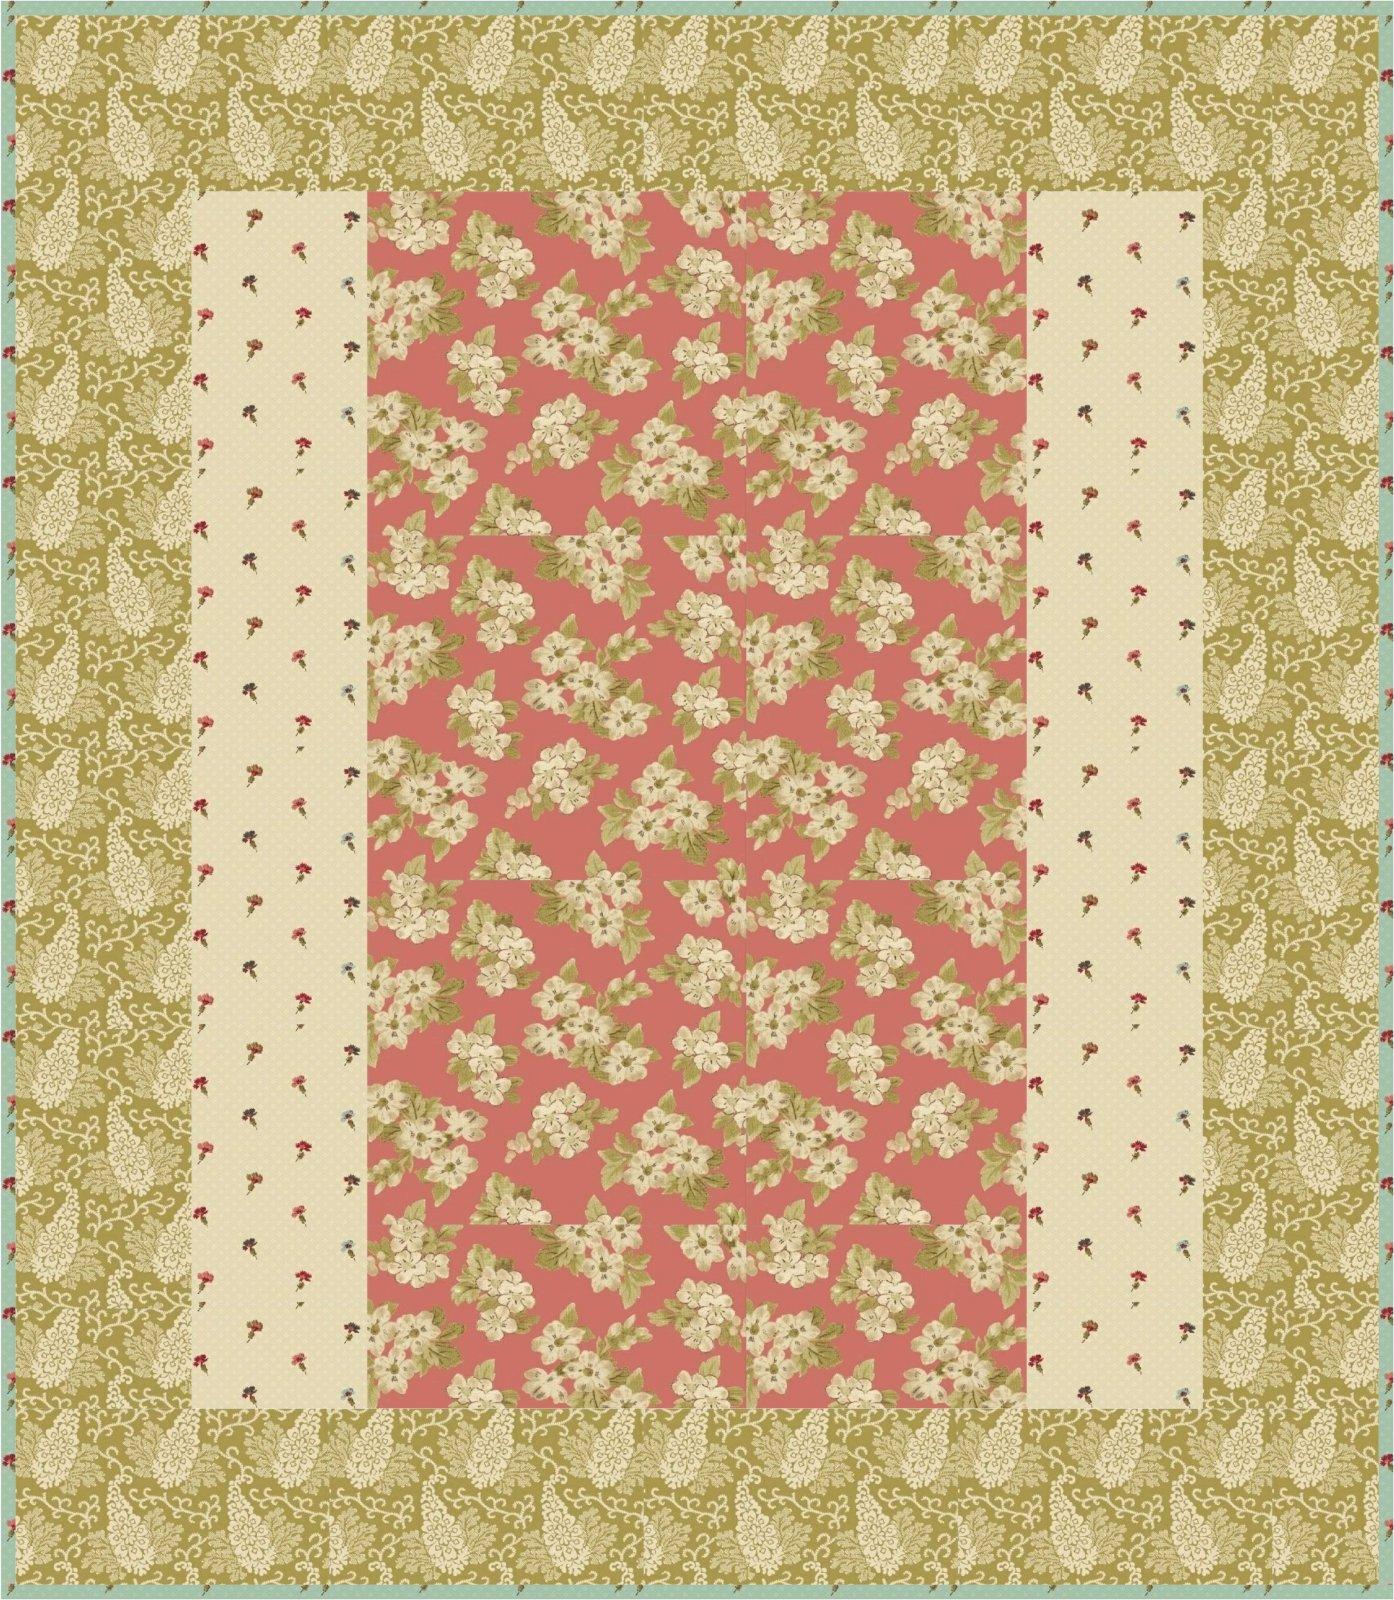 Green Aubrey 1 Hour Quilt Kit